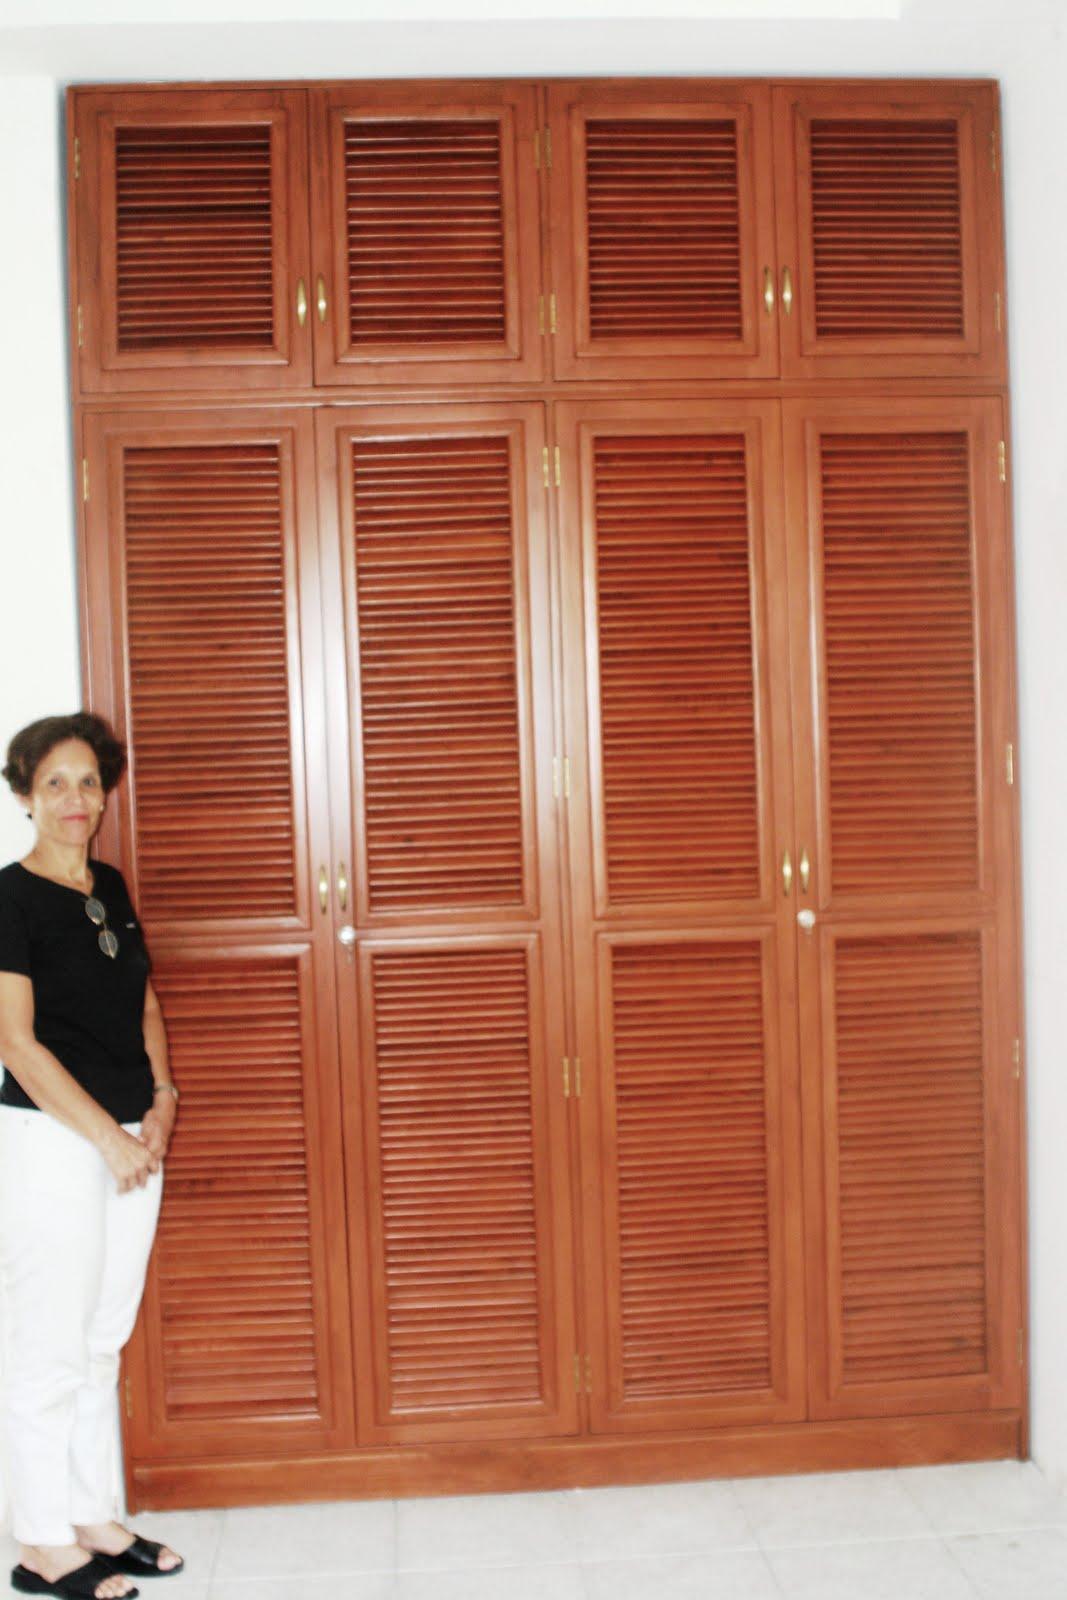 Muebles Lolo Morales Maderasdenicaragua # Muebles Lolo Morales